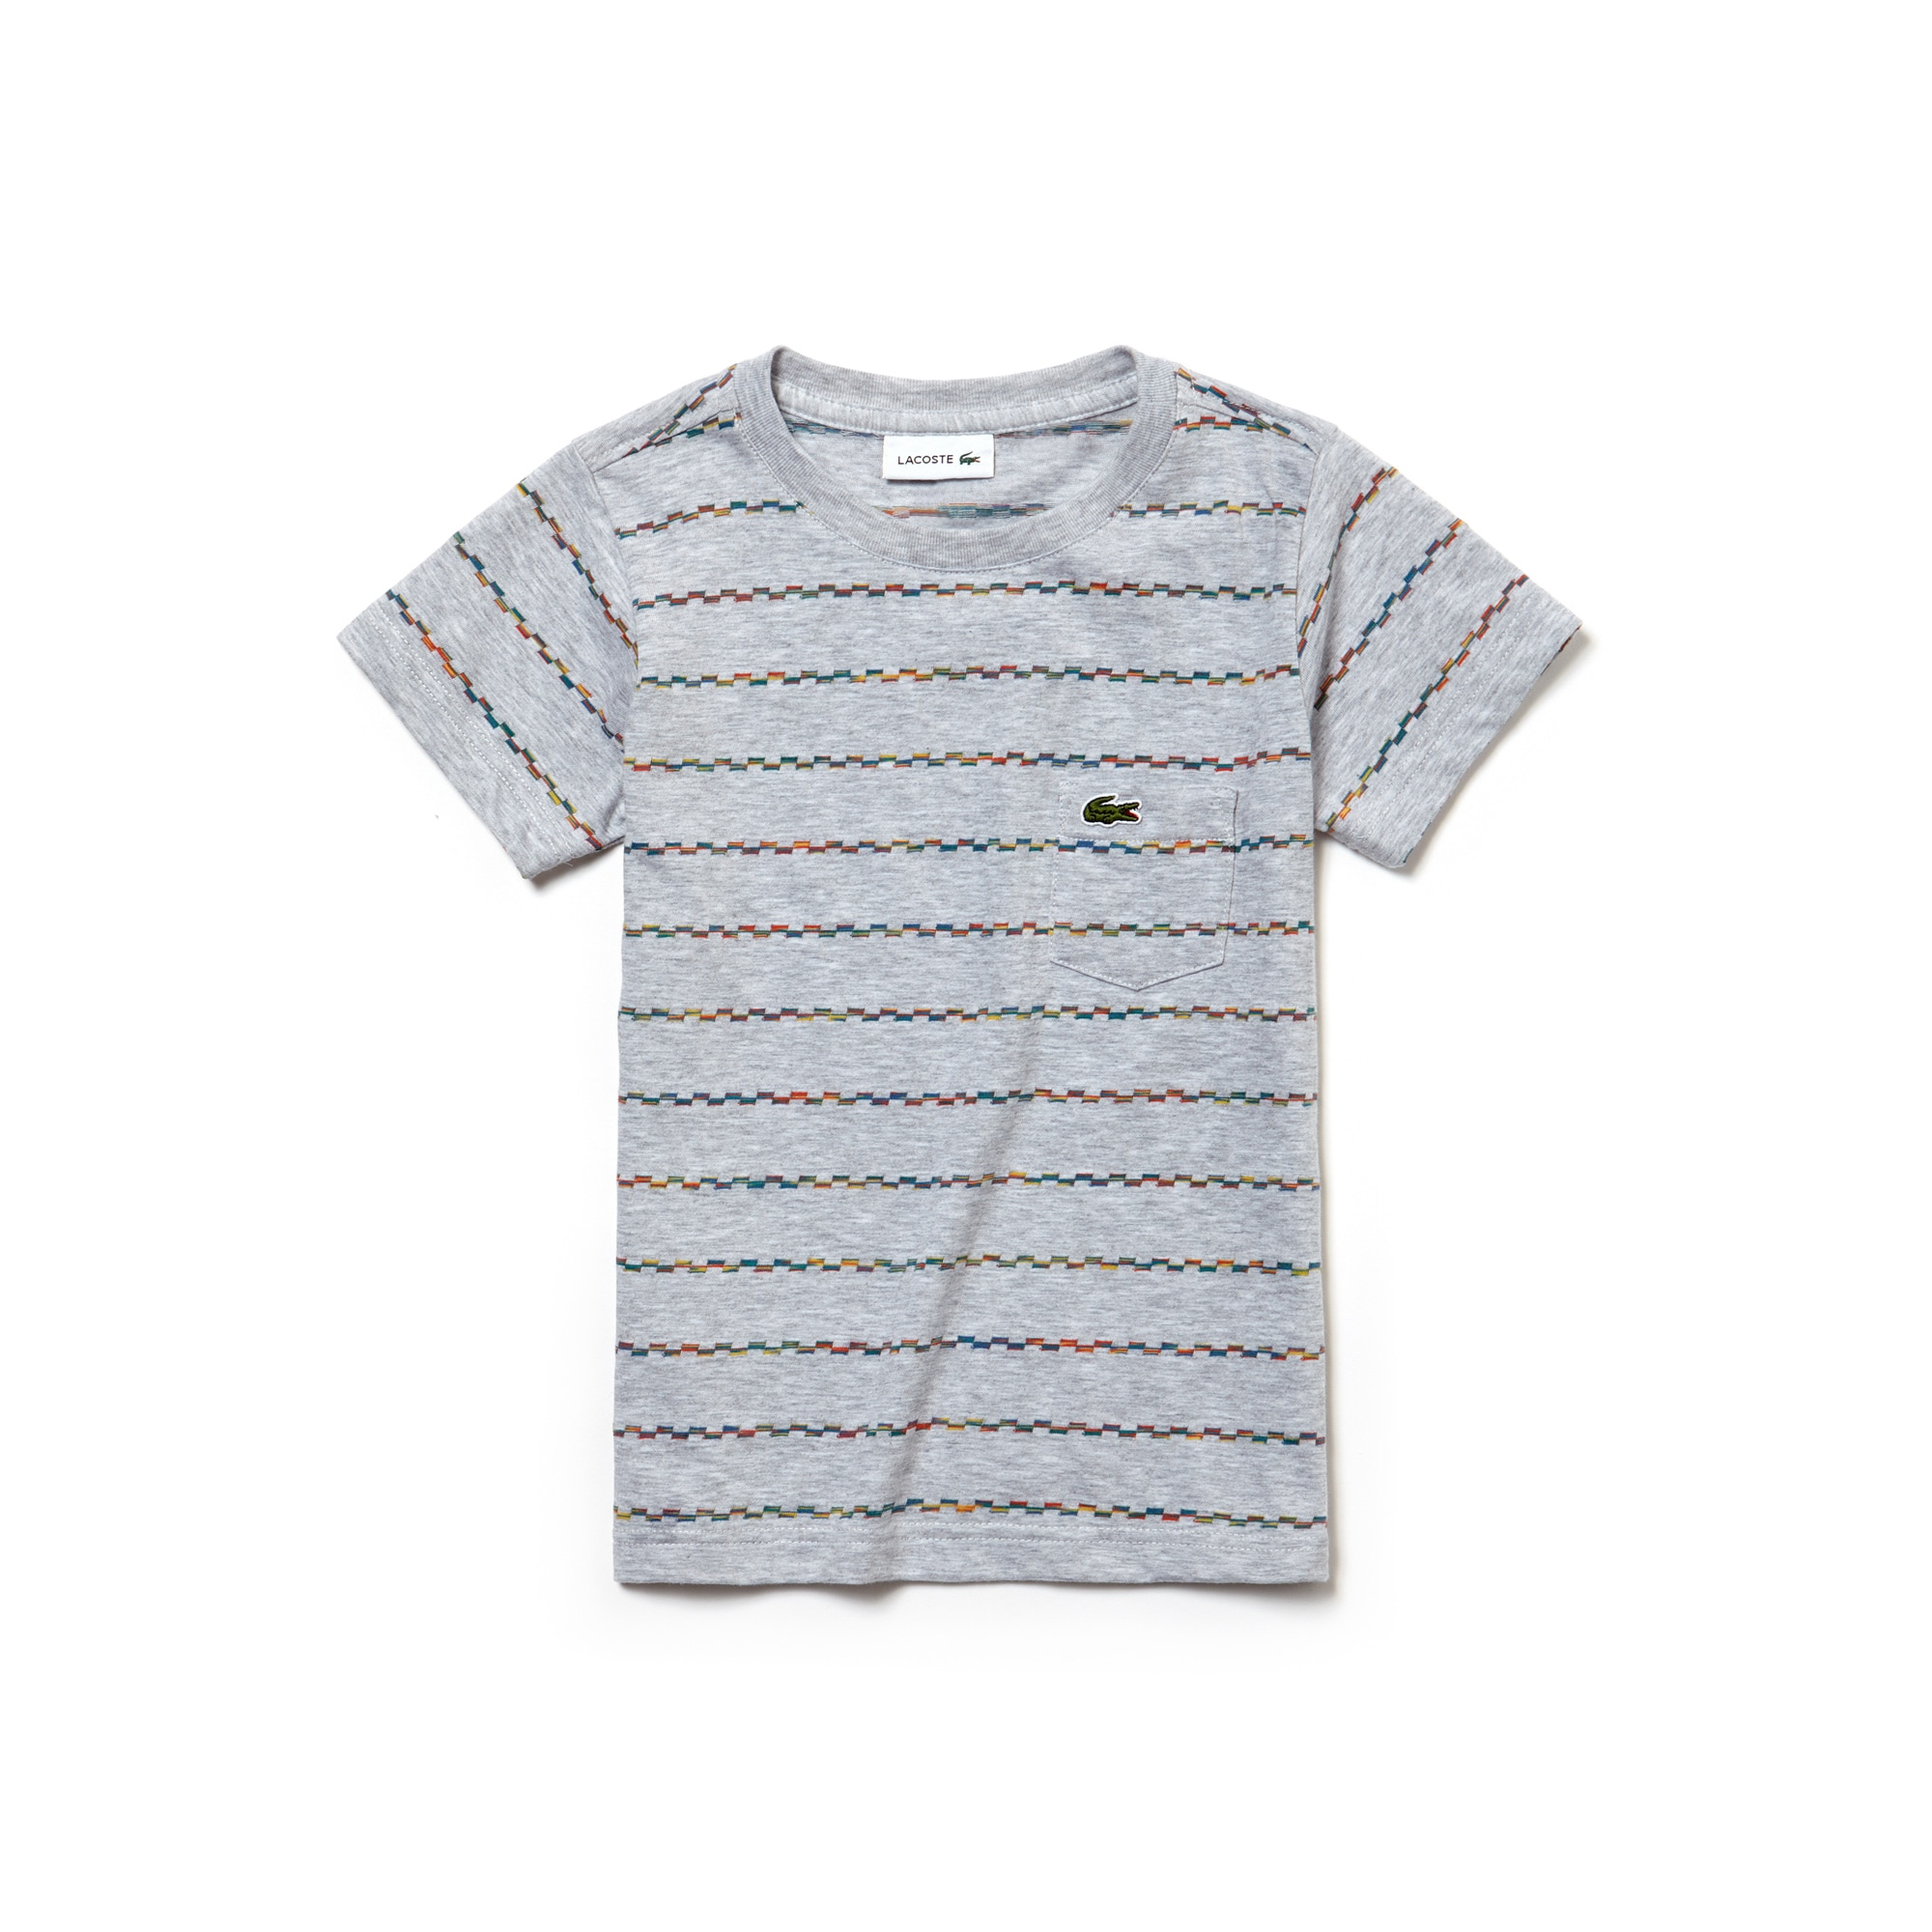 Jungen-Rundhals-T-Shirt aus Jacquard-Jersey mit bunten Streifen